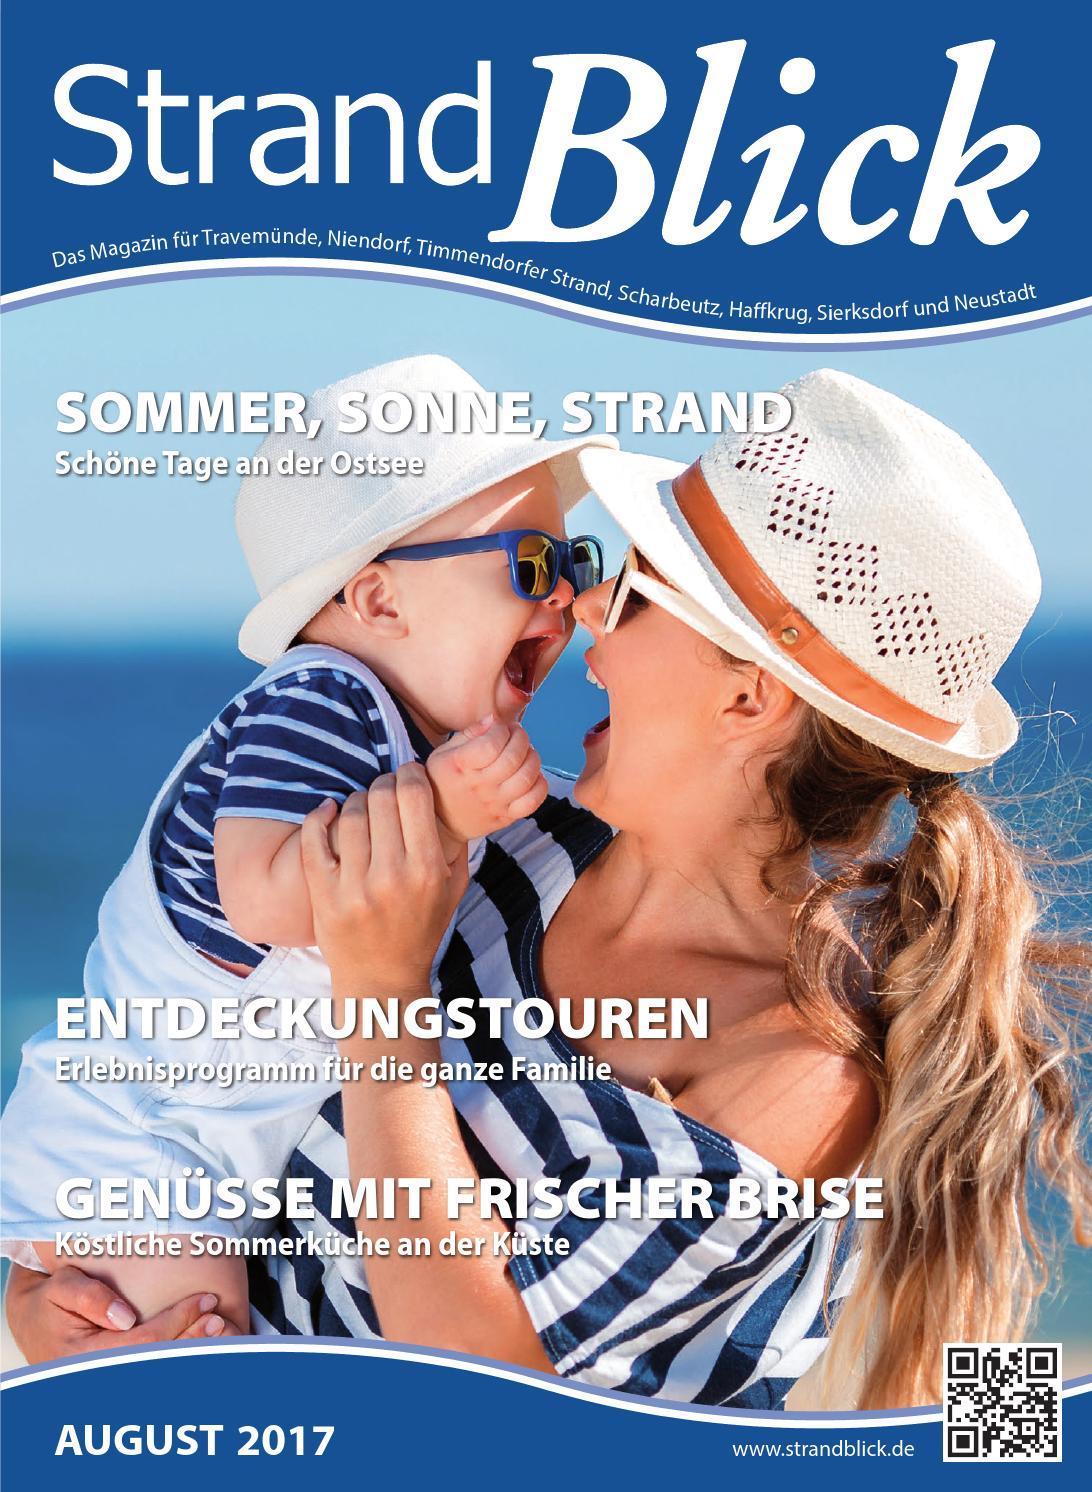 Strandblick August 2017 by StrandBlick - issuu